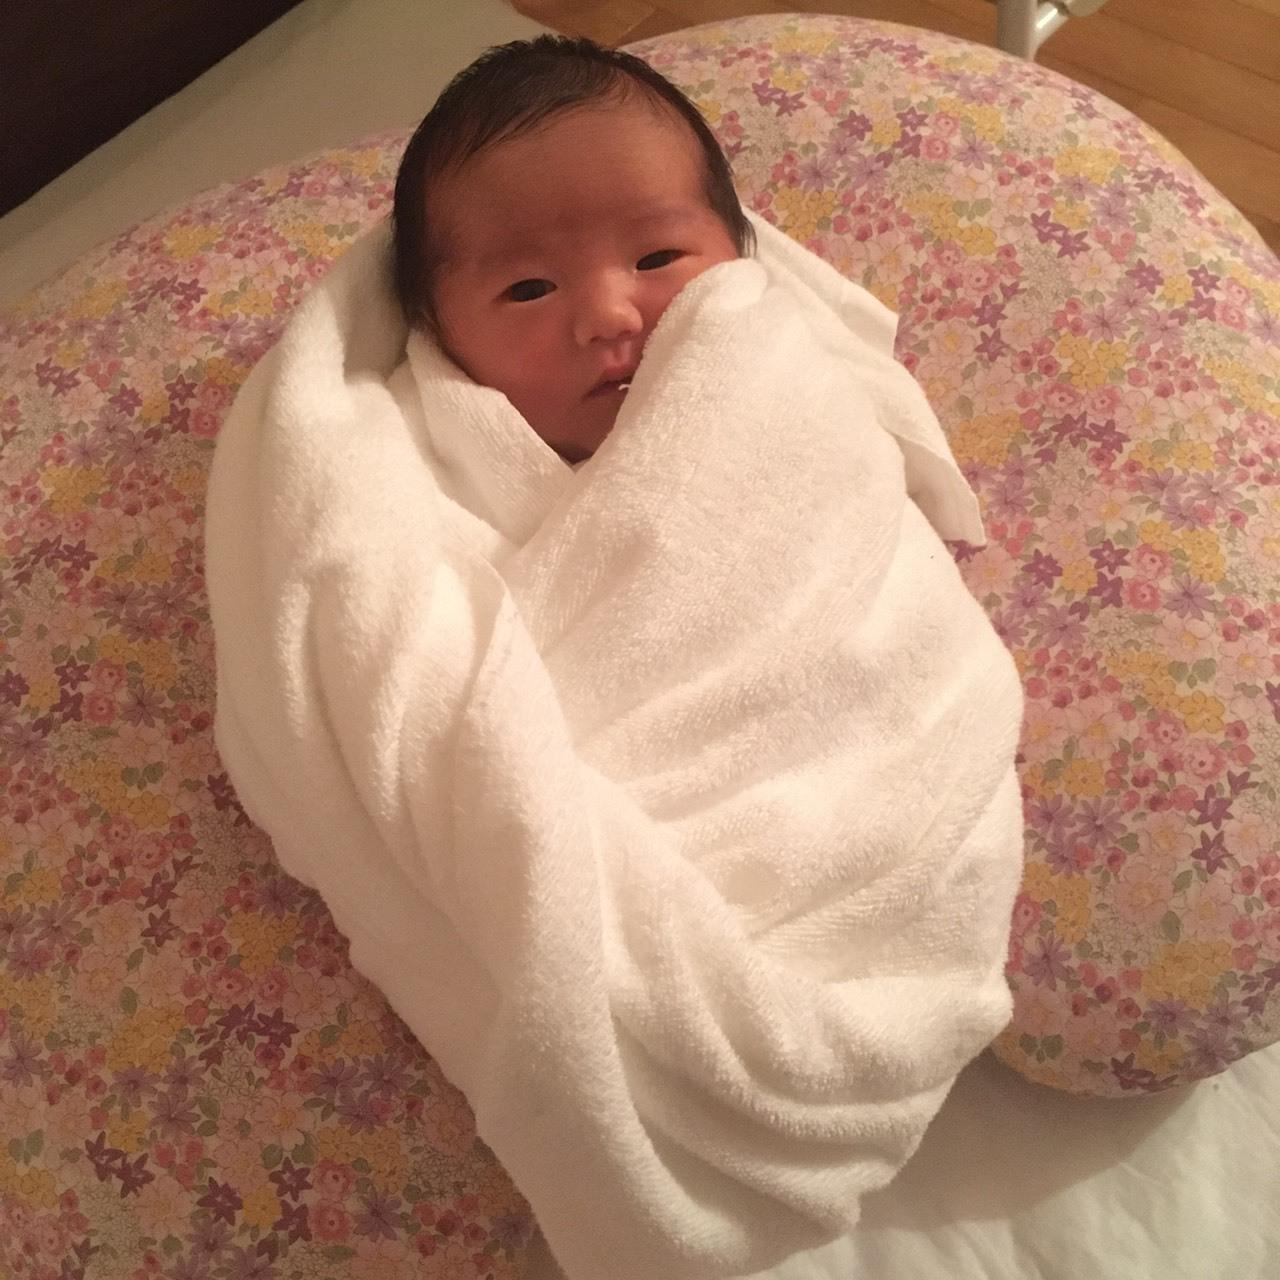 報告、子供が産まれました!_d0340728_21031665.jpg